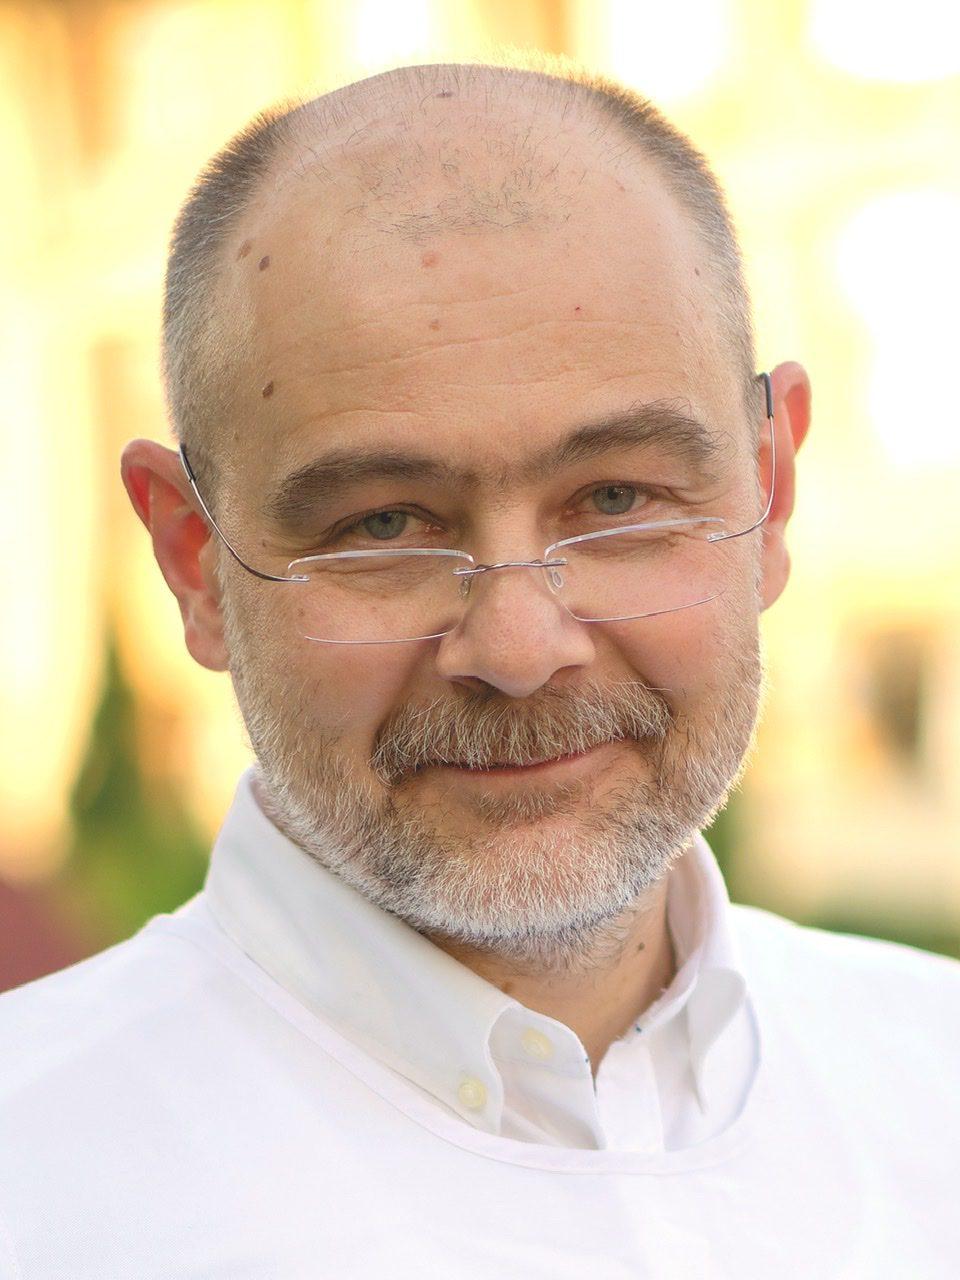 Alexandru Toma Patrascu